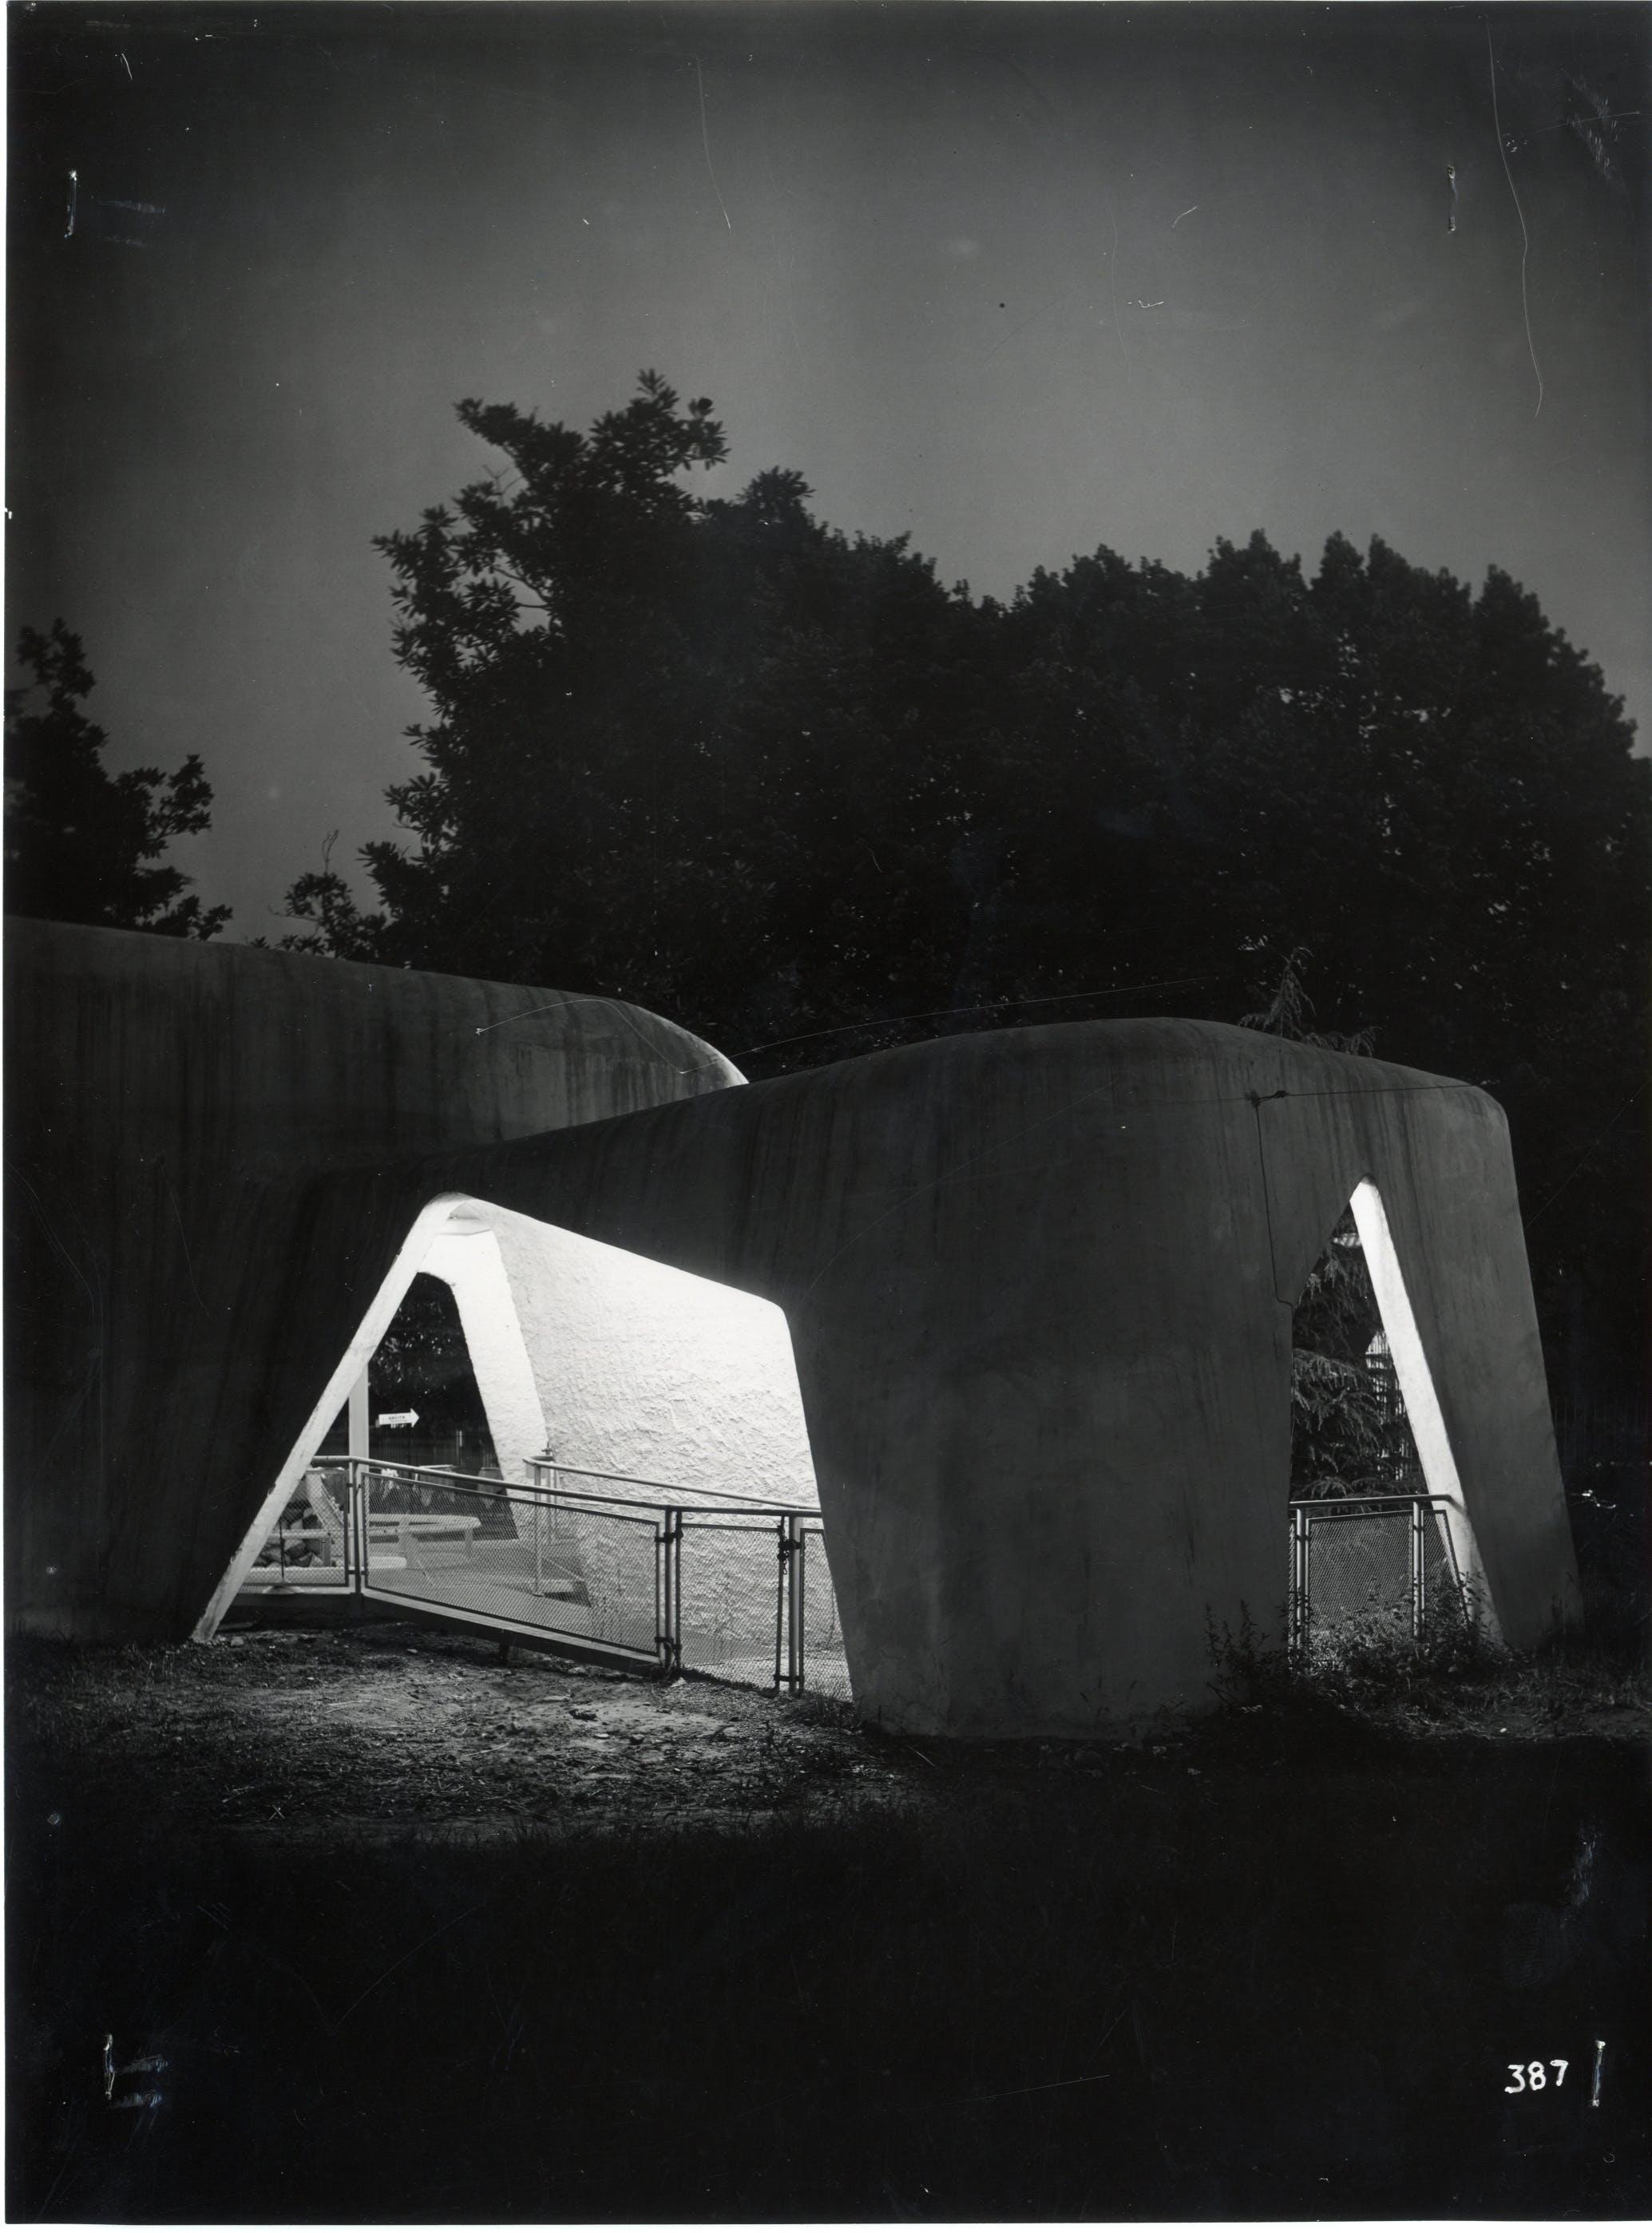 1951, IX Triennale, Mostra internazionale dell'architettura in movimento – Stazione di partenza della seggiovia di Parco Sempione, Foto Ancillotti